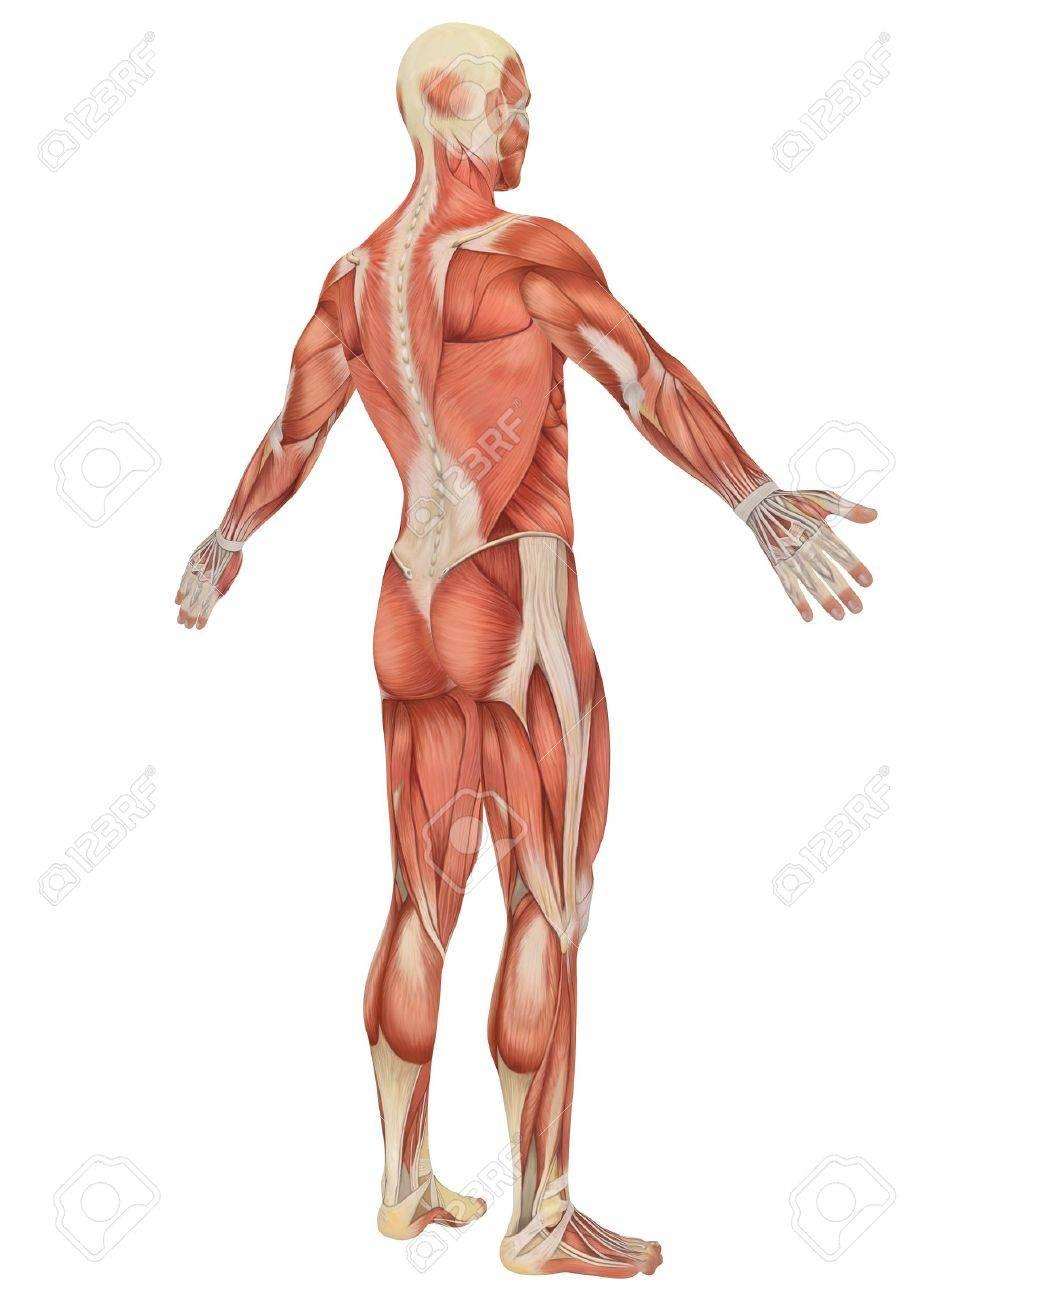 Fantastisch Grau Anatomie Volle Episoden Frei Ideen - Anatomie Ideen ...